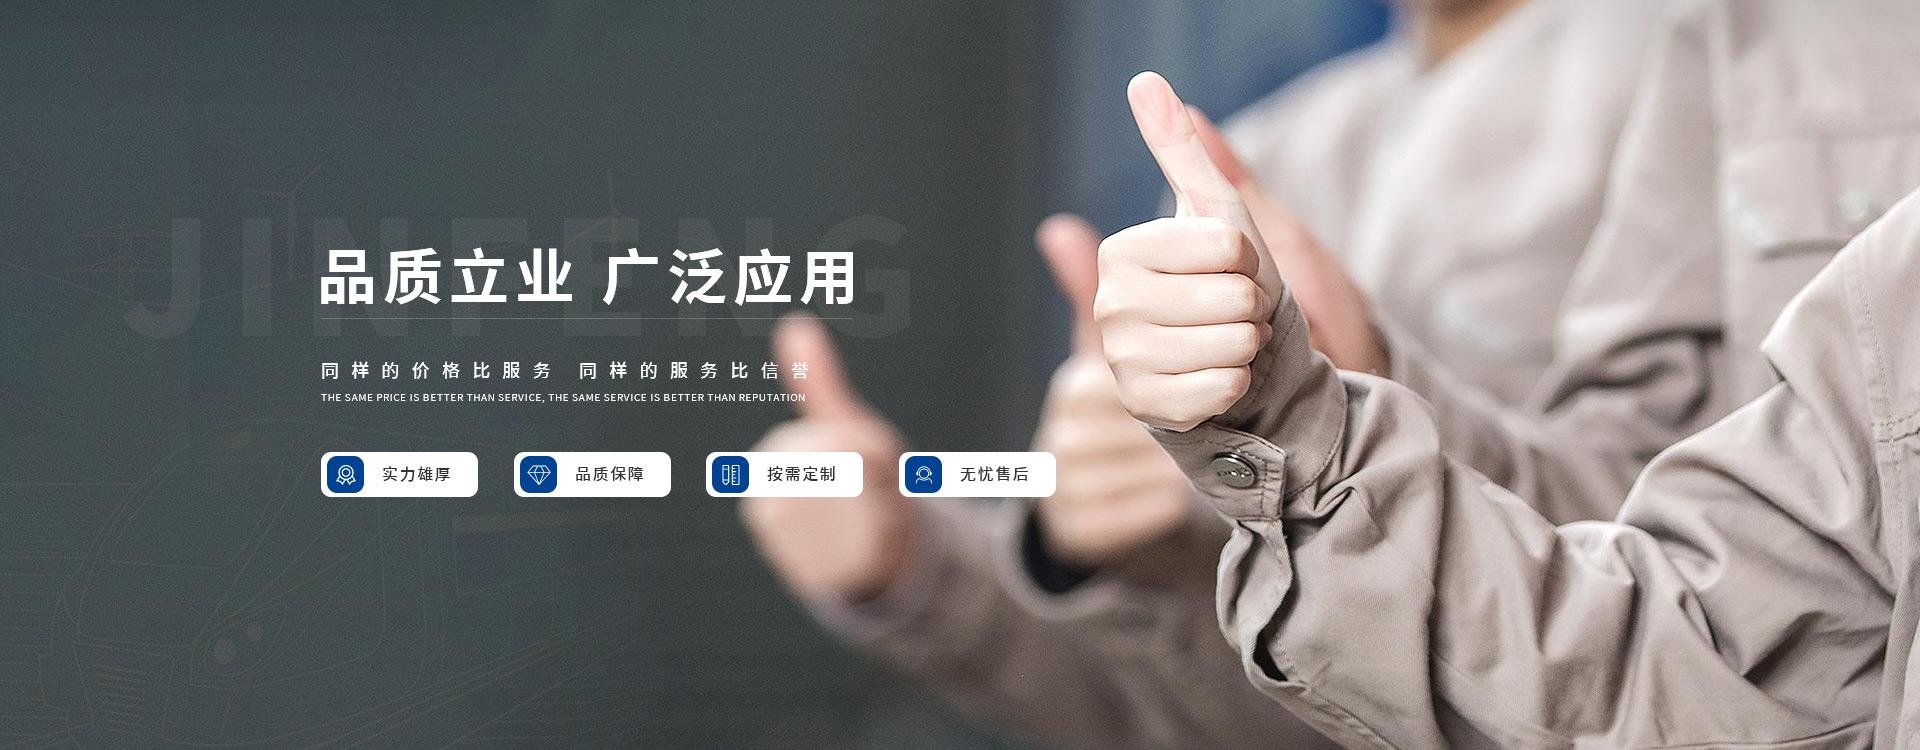 陕西铁路设备教学模具